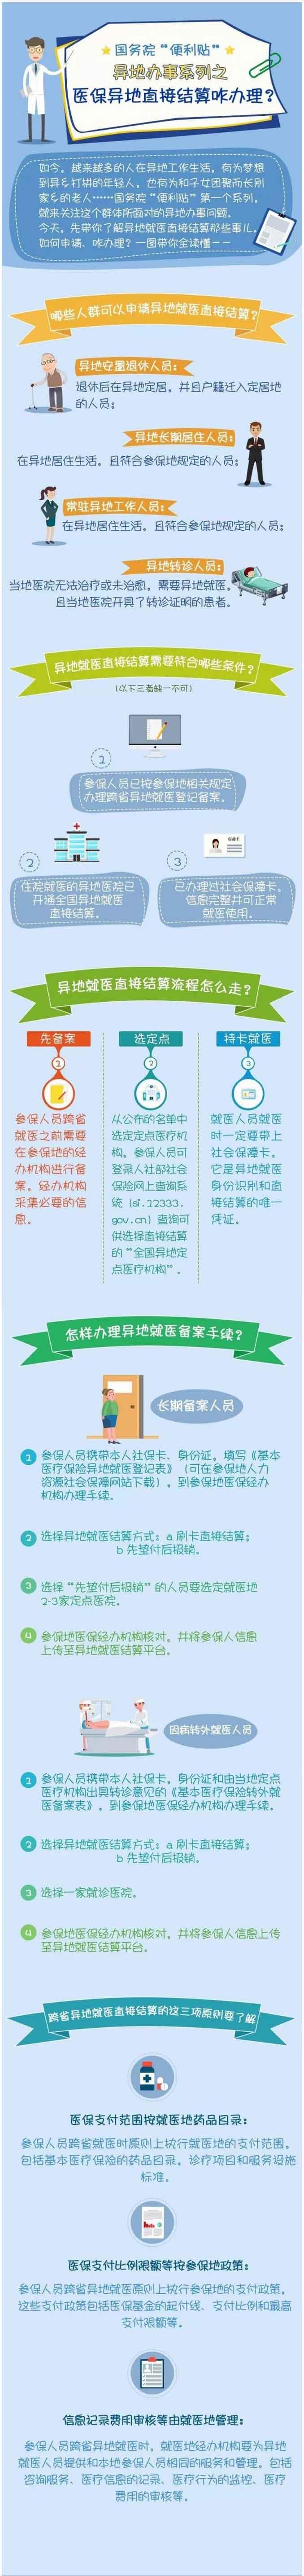 青岛正阳心理医院已联网全国医保,异地就诊可直接结算